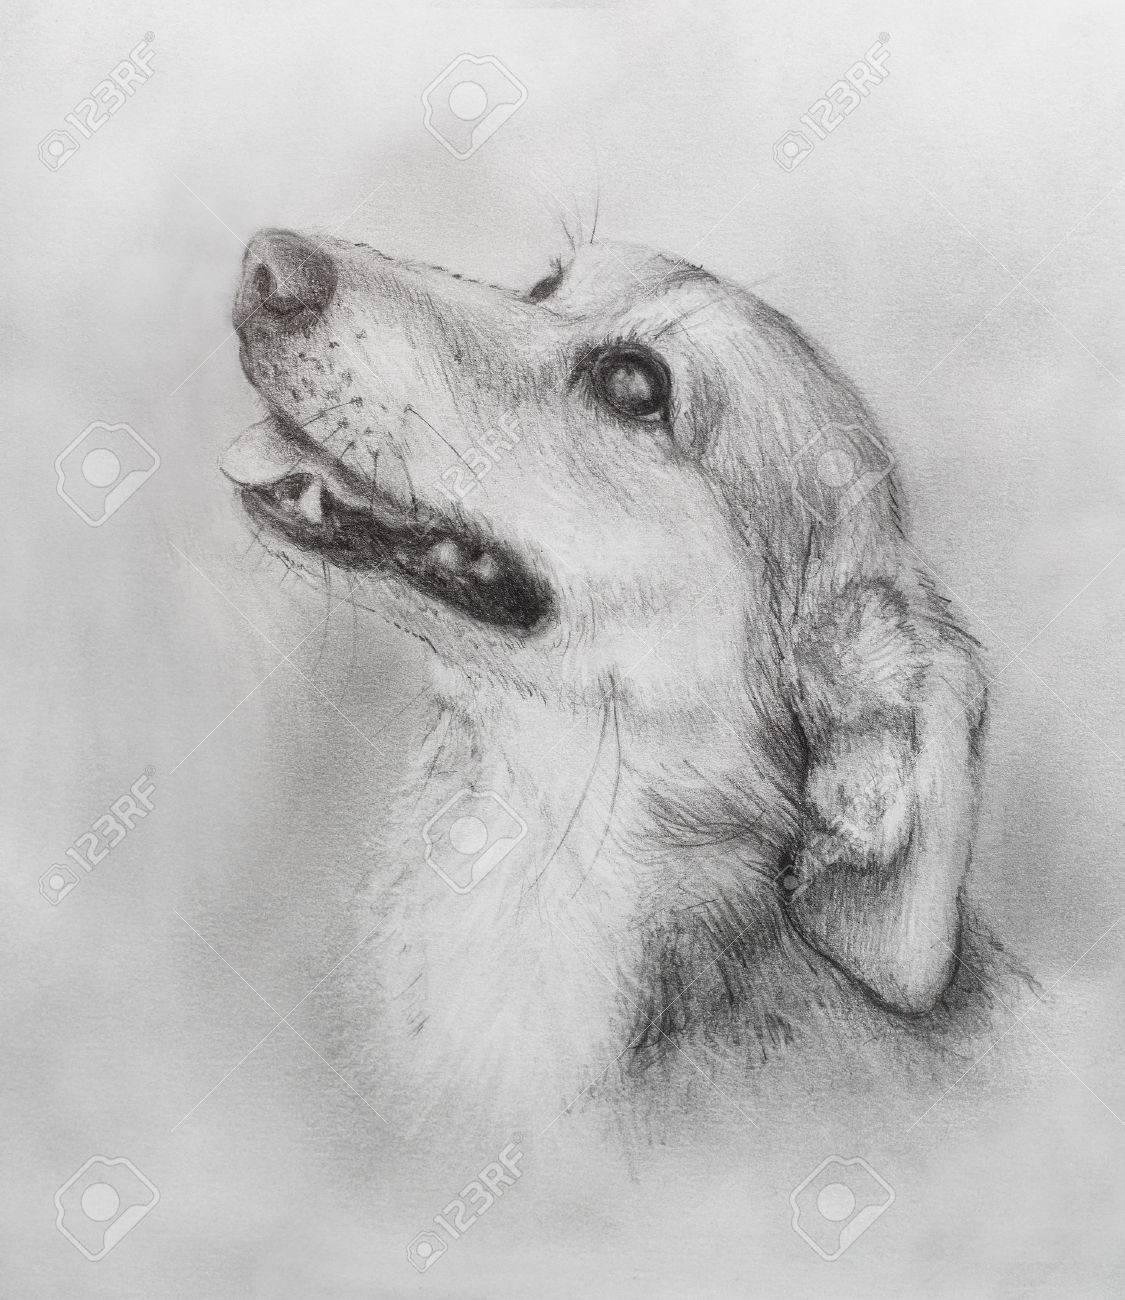 Dog pencil drawing on old paper vintage paper dog portrait